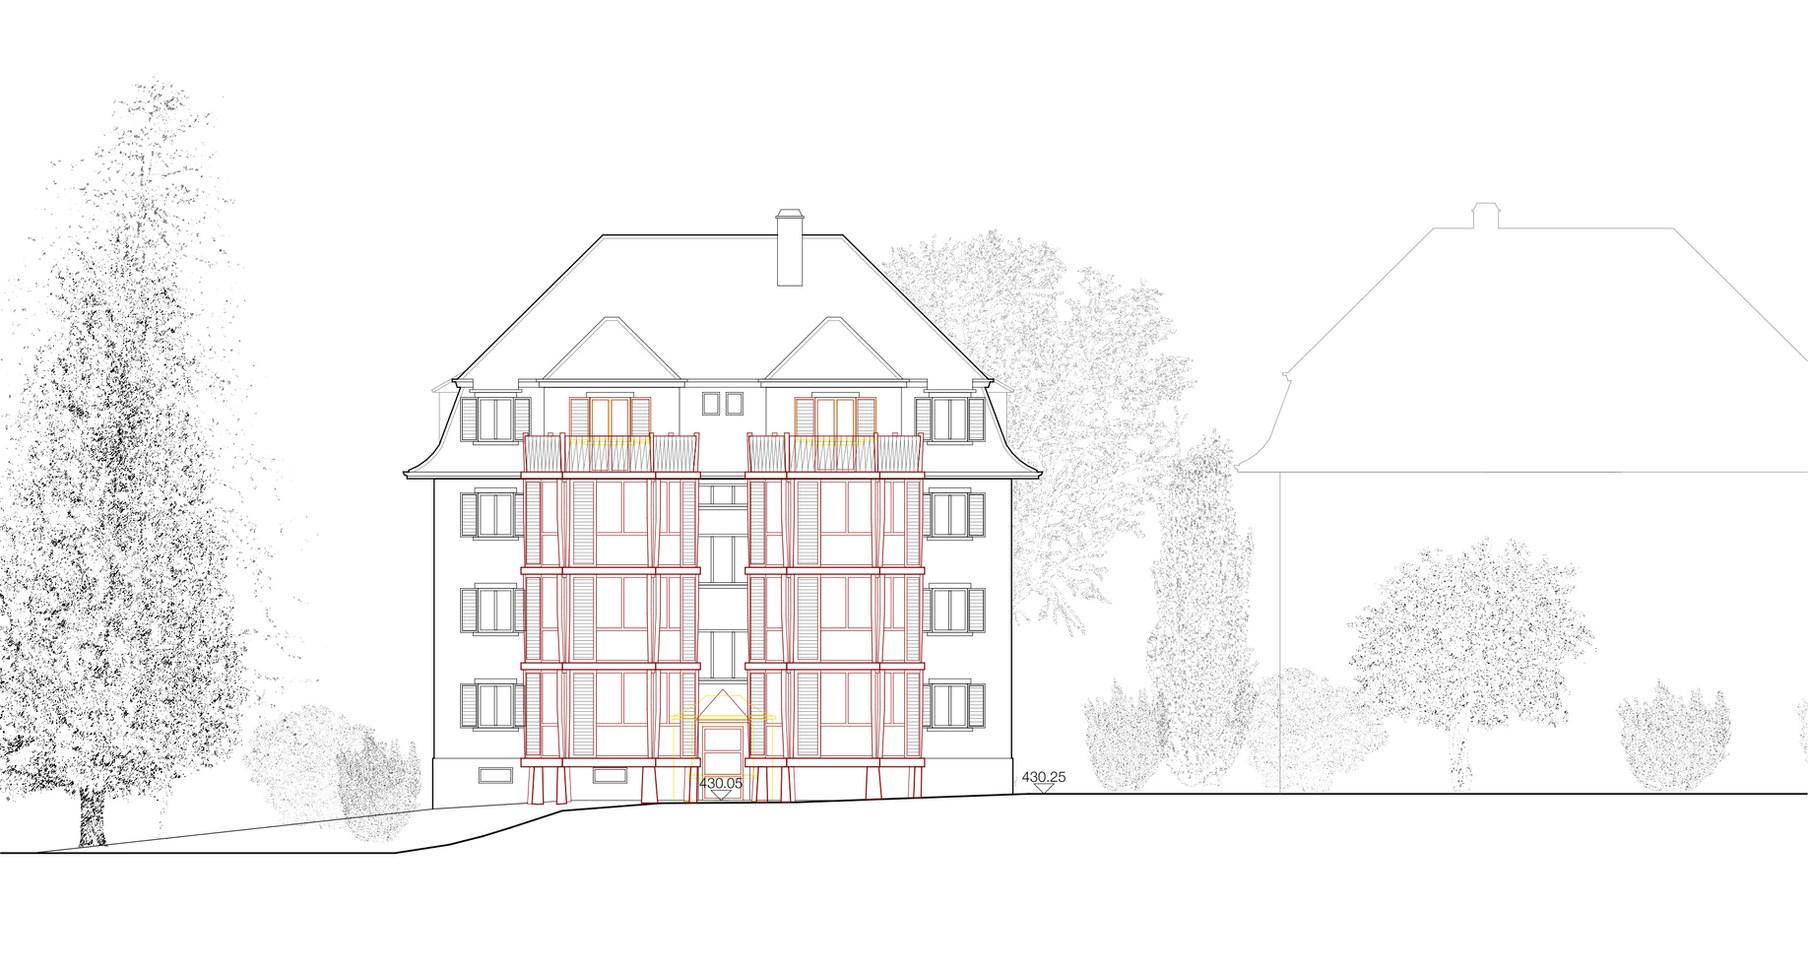 Die neue Holzbaukonstruktion mit grosszügiger Verglasung übernimmt die Fassadengliederung des Bestandes.